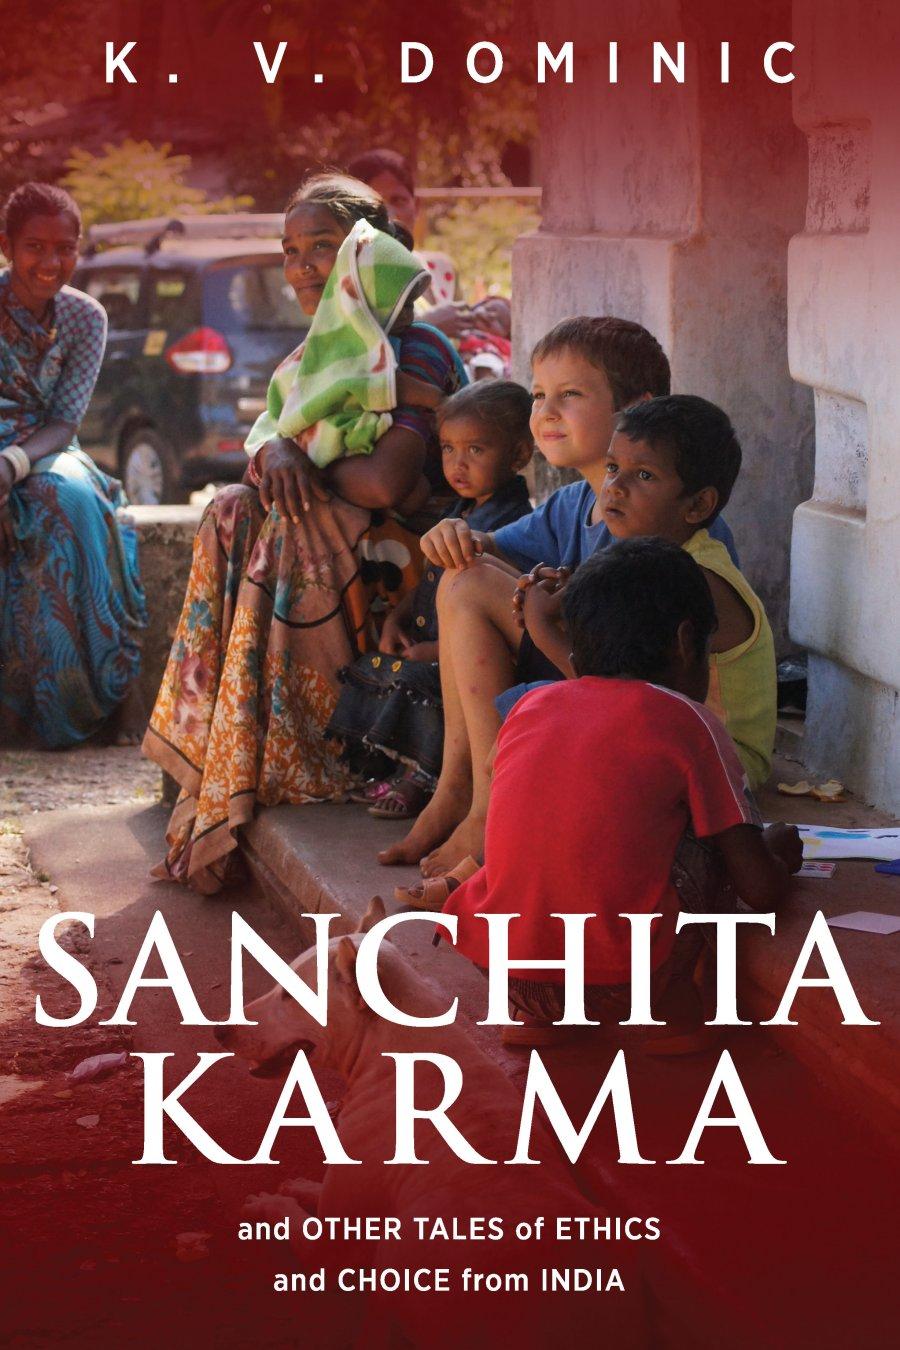 Sanchita Karma 978-1-61599-393-2